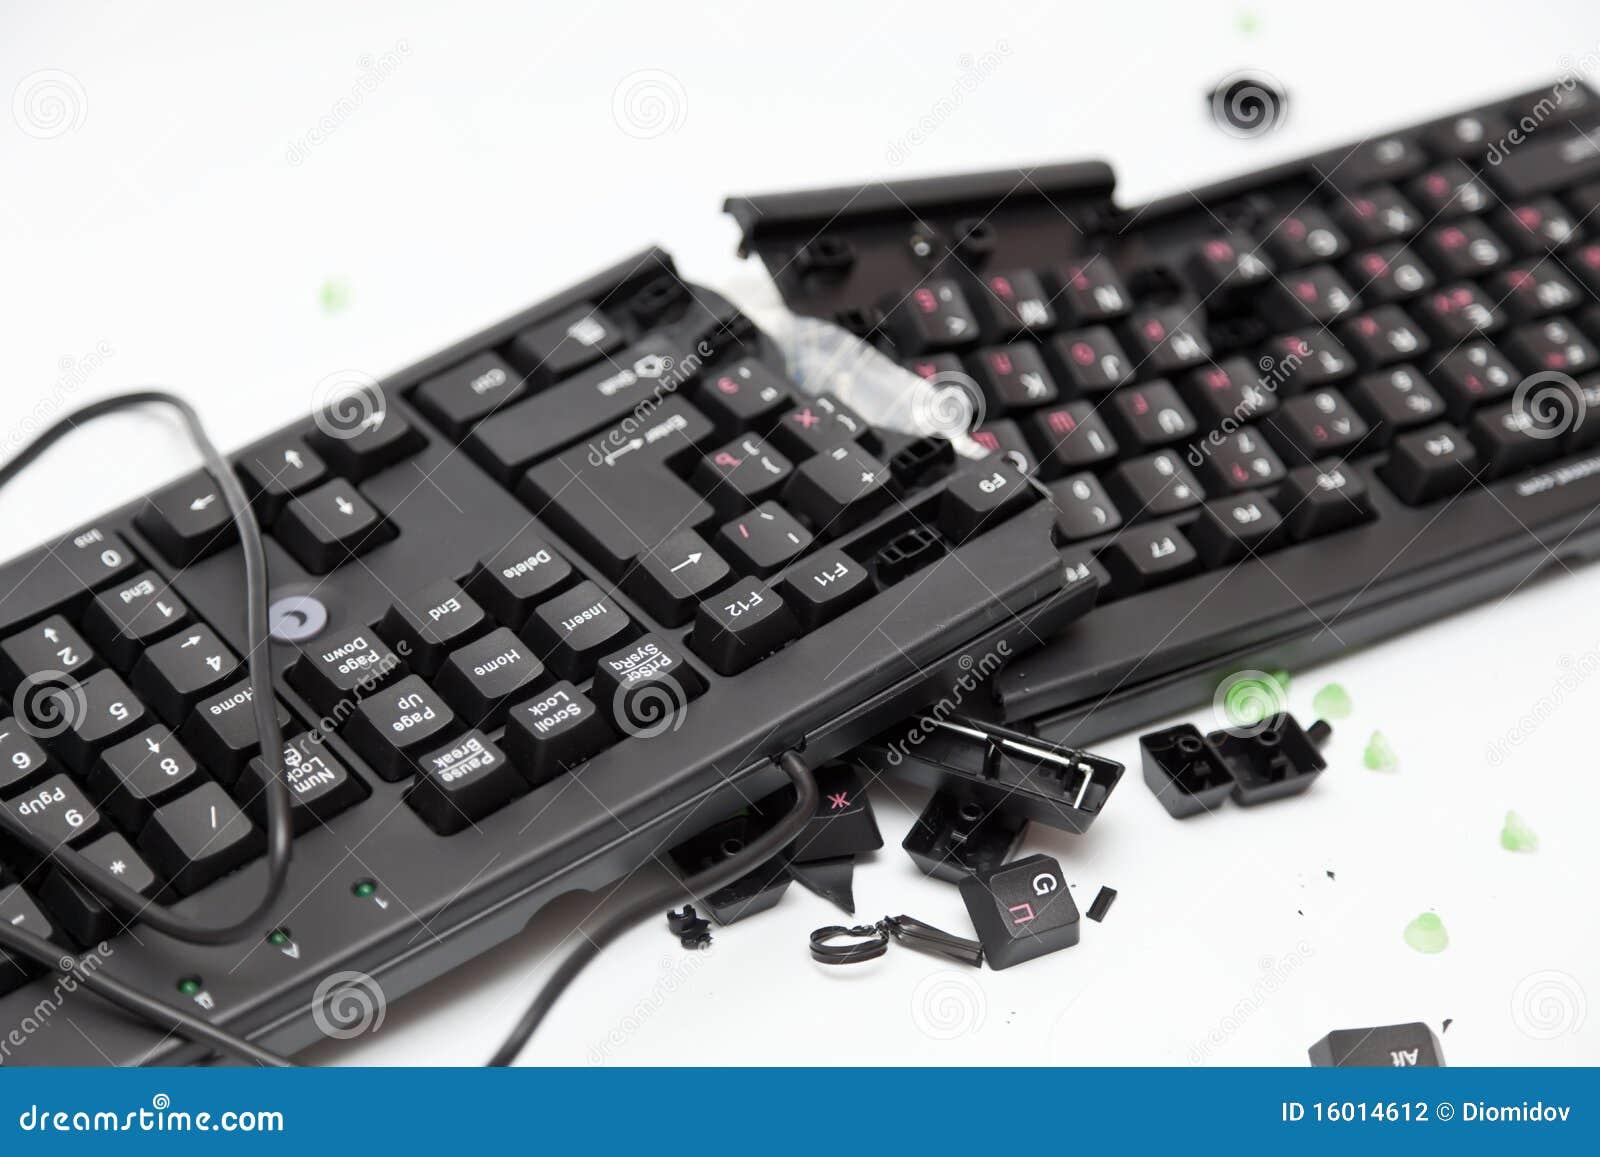 Broken pc keyboard